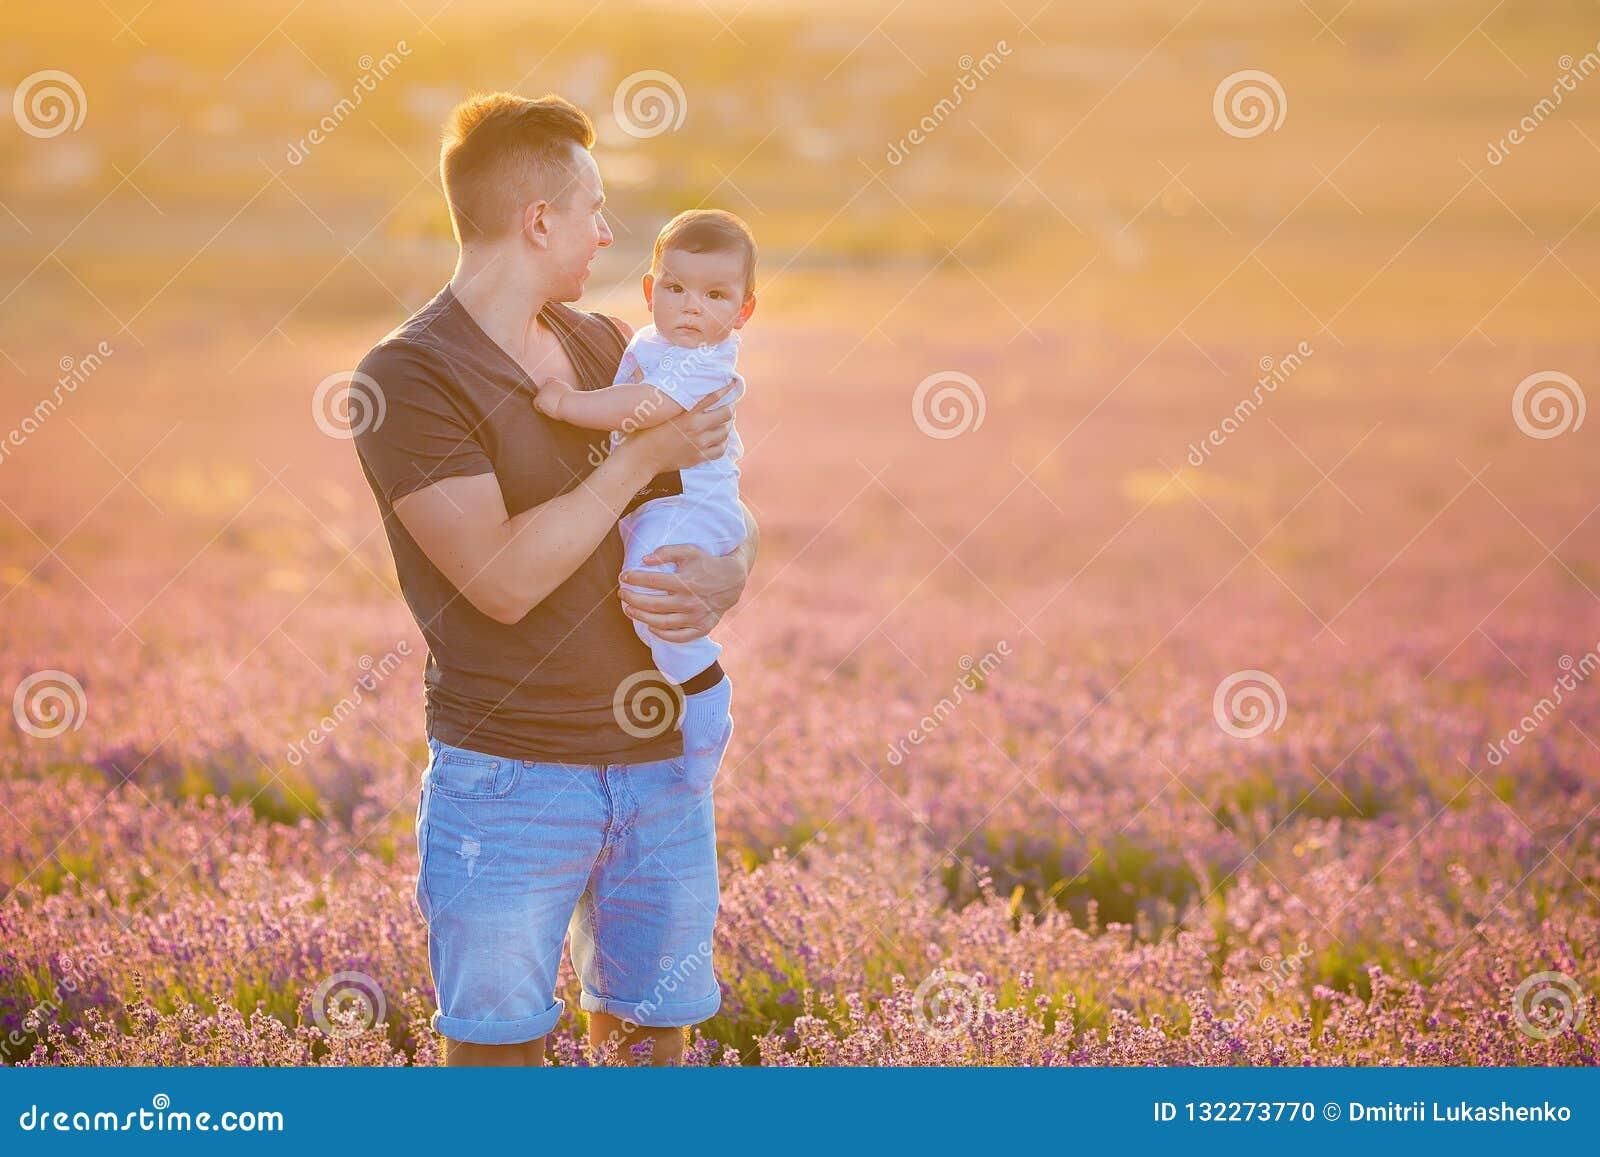 Rodzinny portret ojca mienia dziecka syn pozuje na lawenda śródpolnych jest ubranym niebieskich dżinsach koszulce i